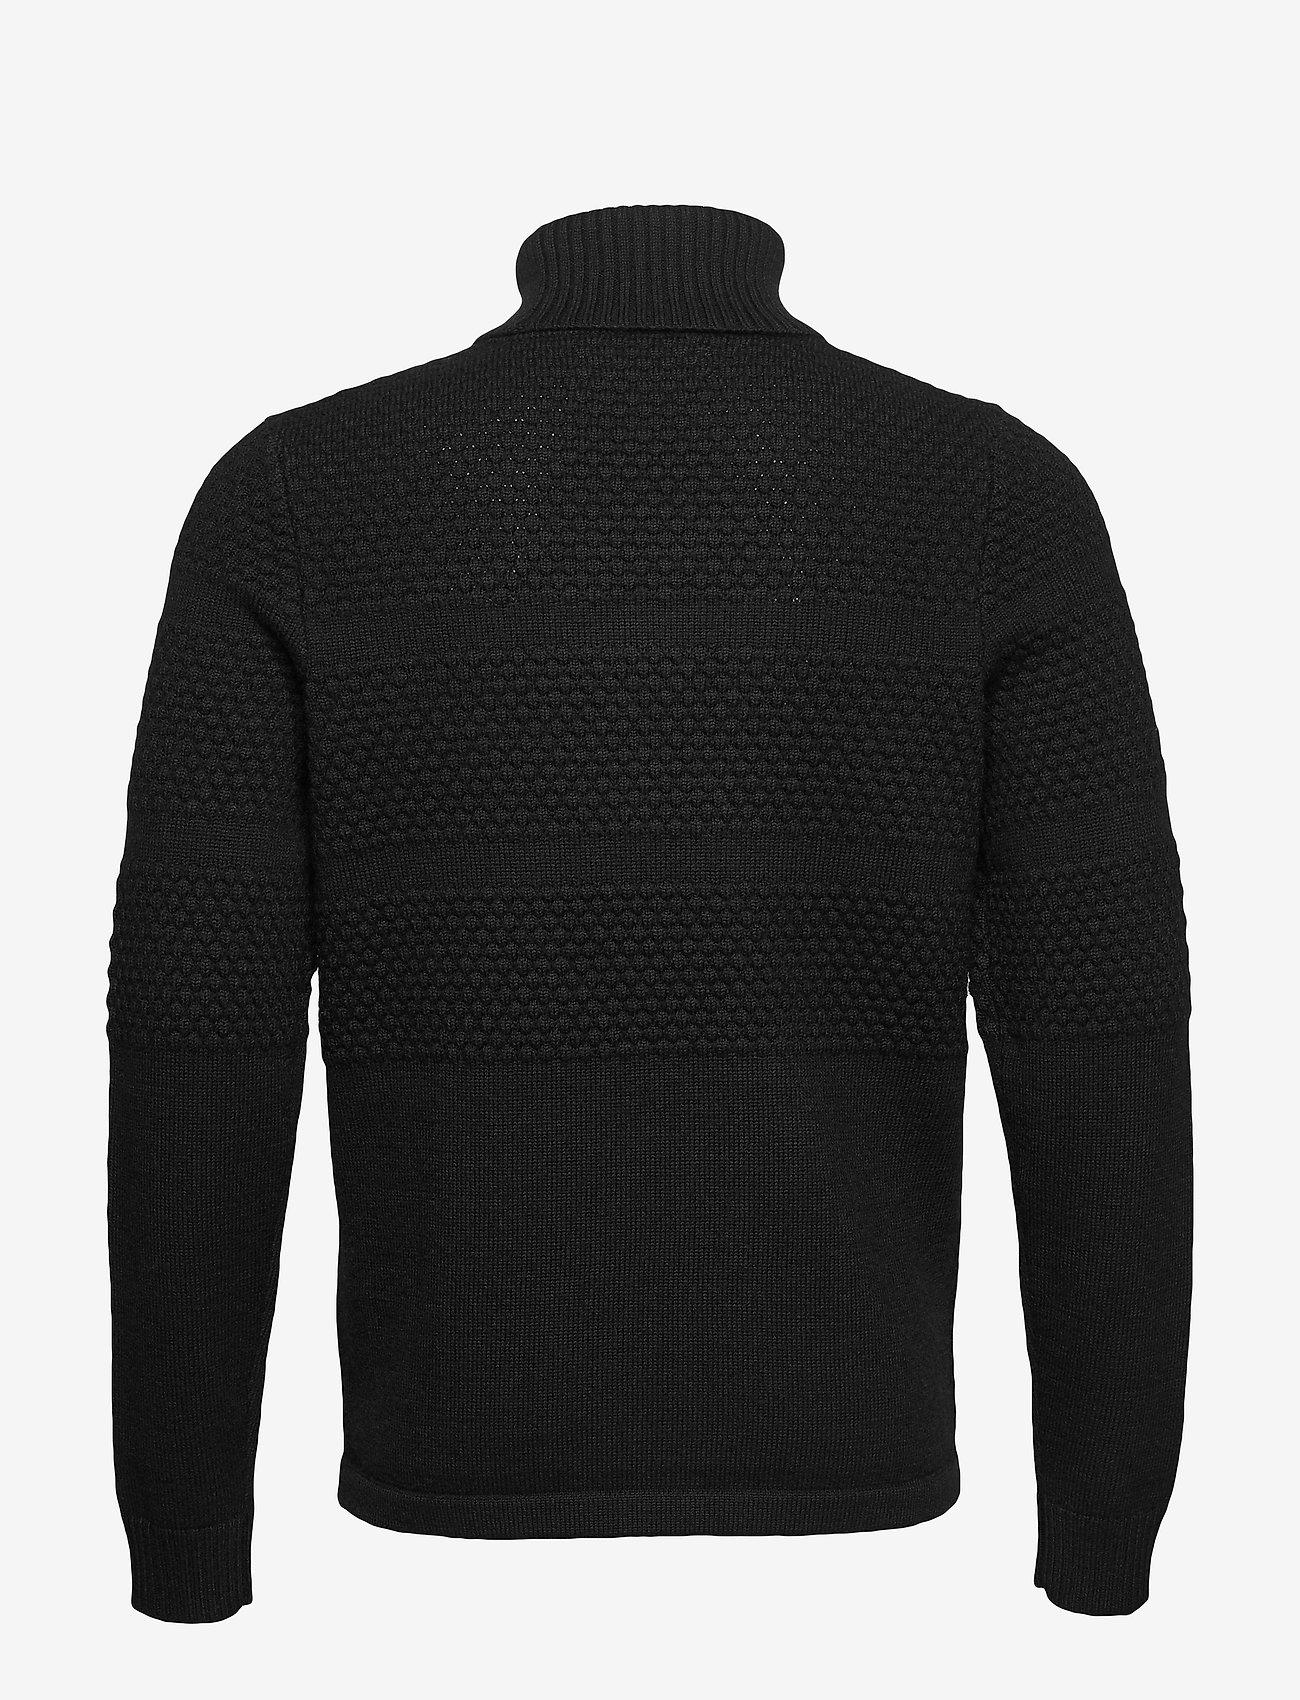 Per T-n 10566 (Black) (630 kr) - Samsøe Samsøe rOOudX5k